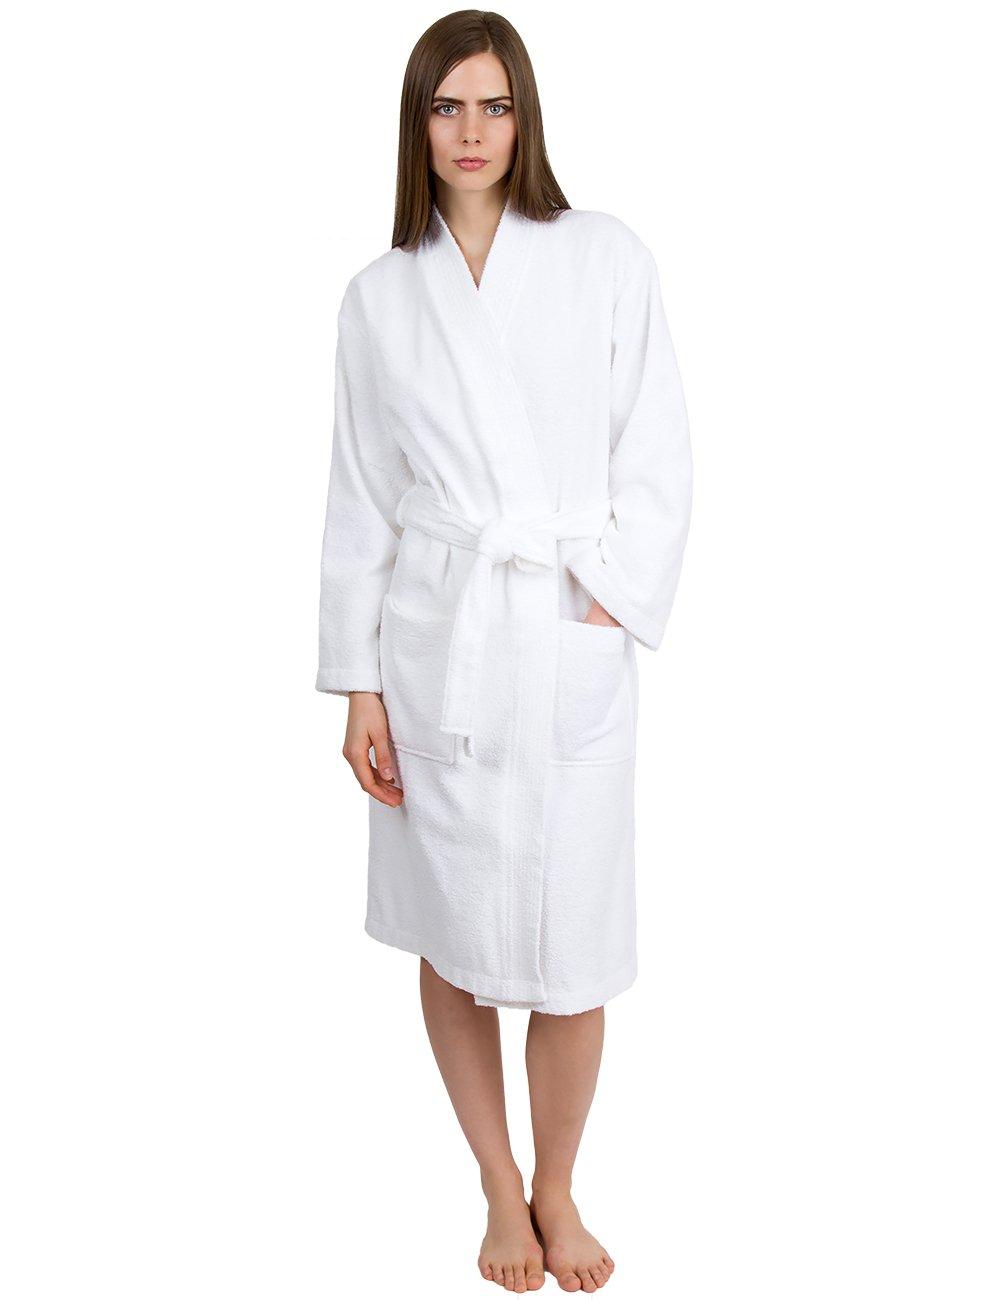 TowelSelections Women's Robe Turkish Cotton Terry Kimono Bathrobe Small/Medium White